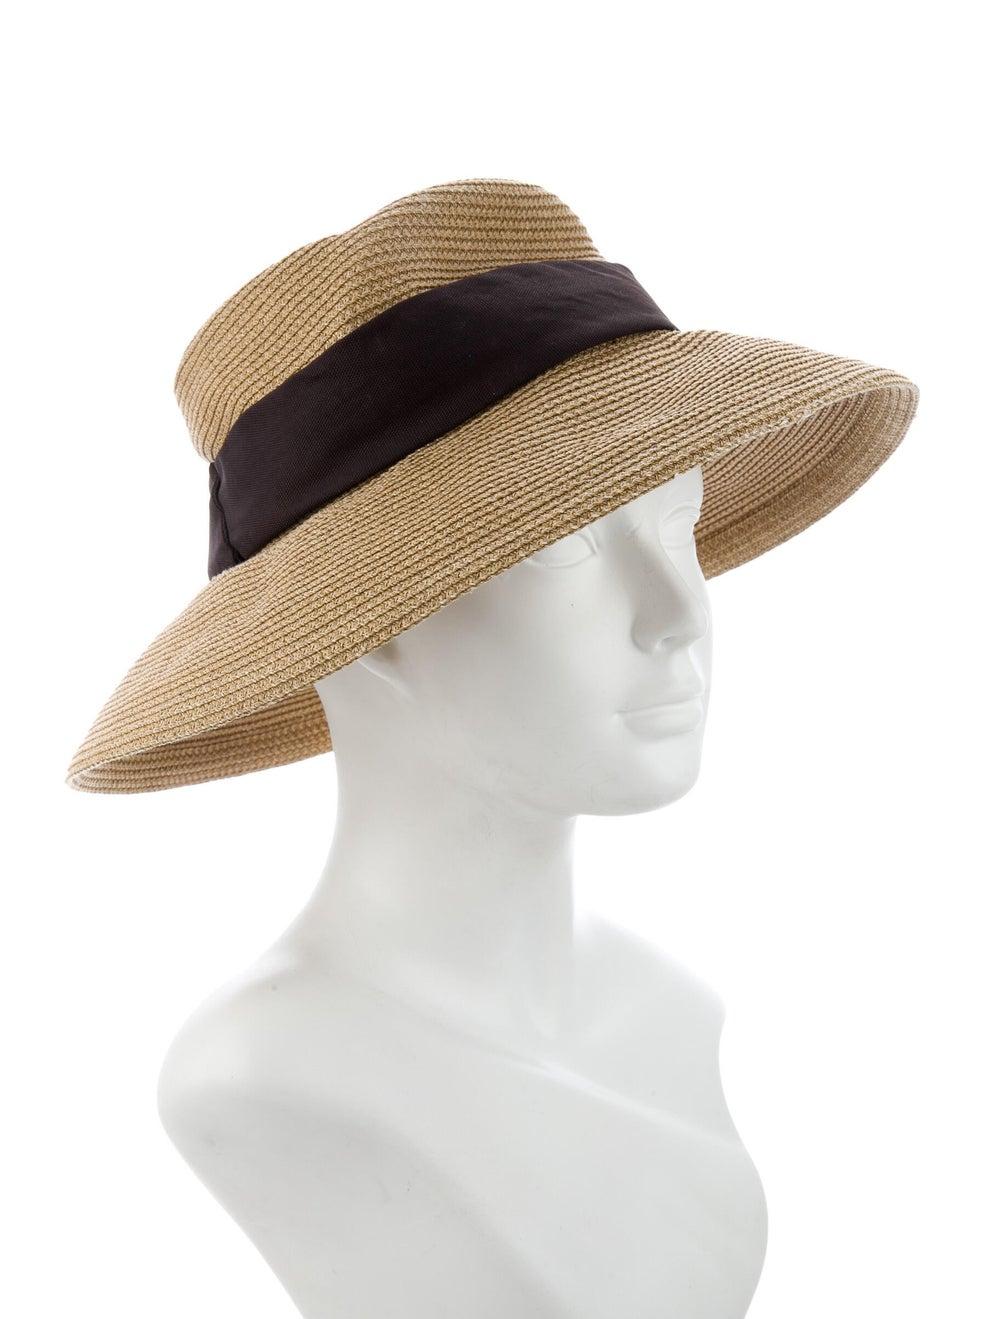 Eric Javits Straw Wide Brim Hat Tan - image 3